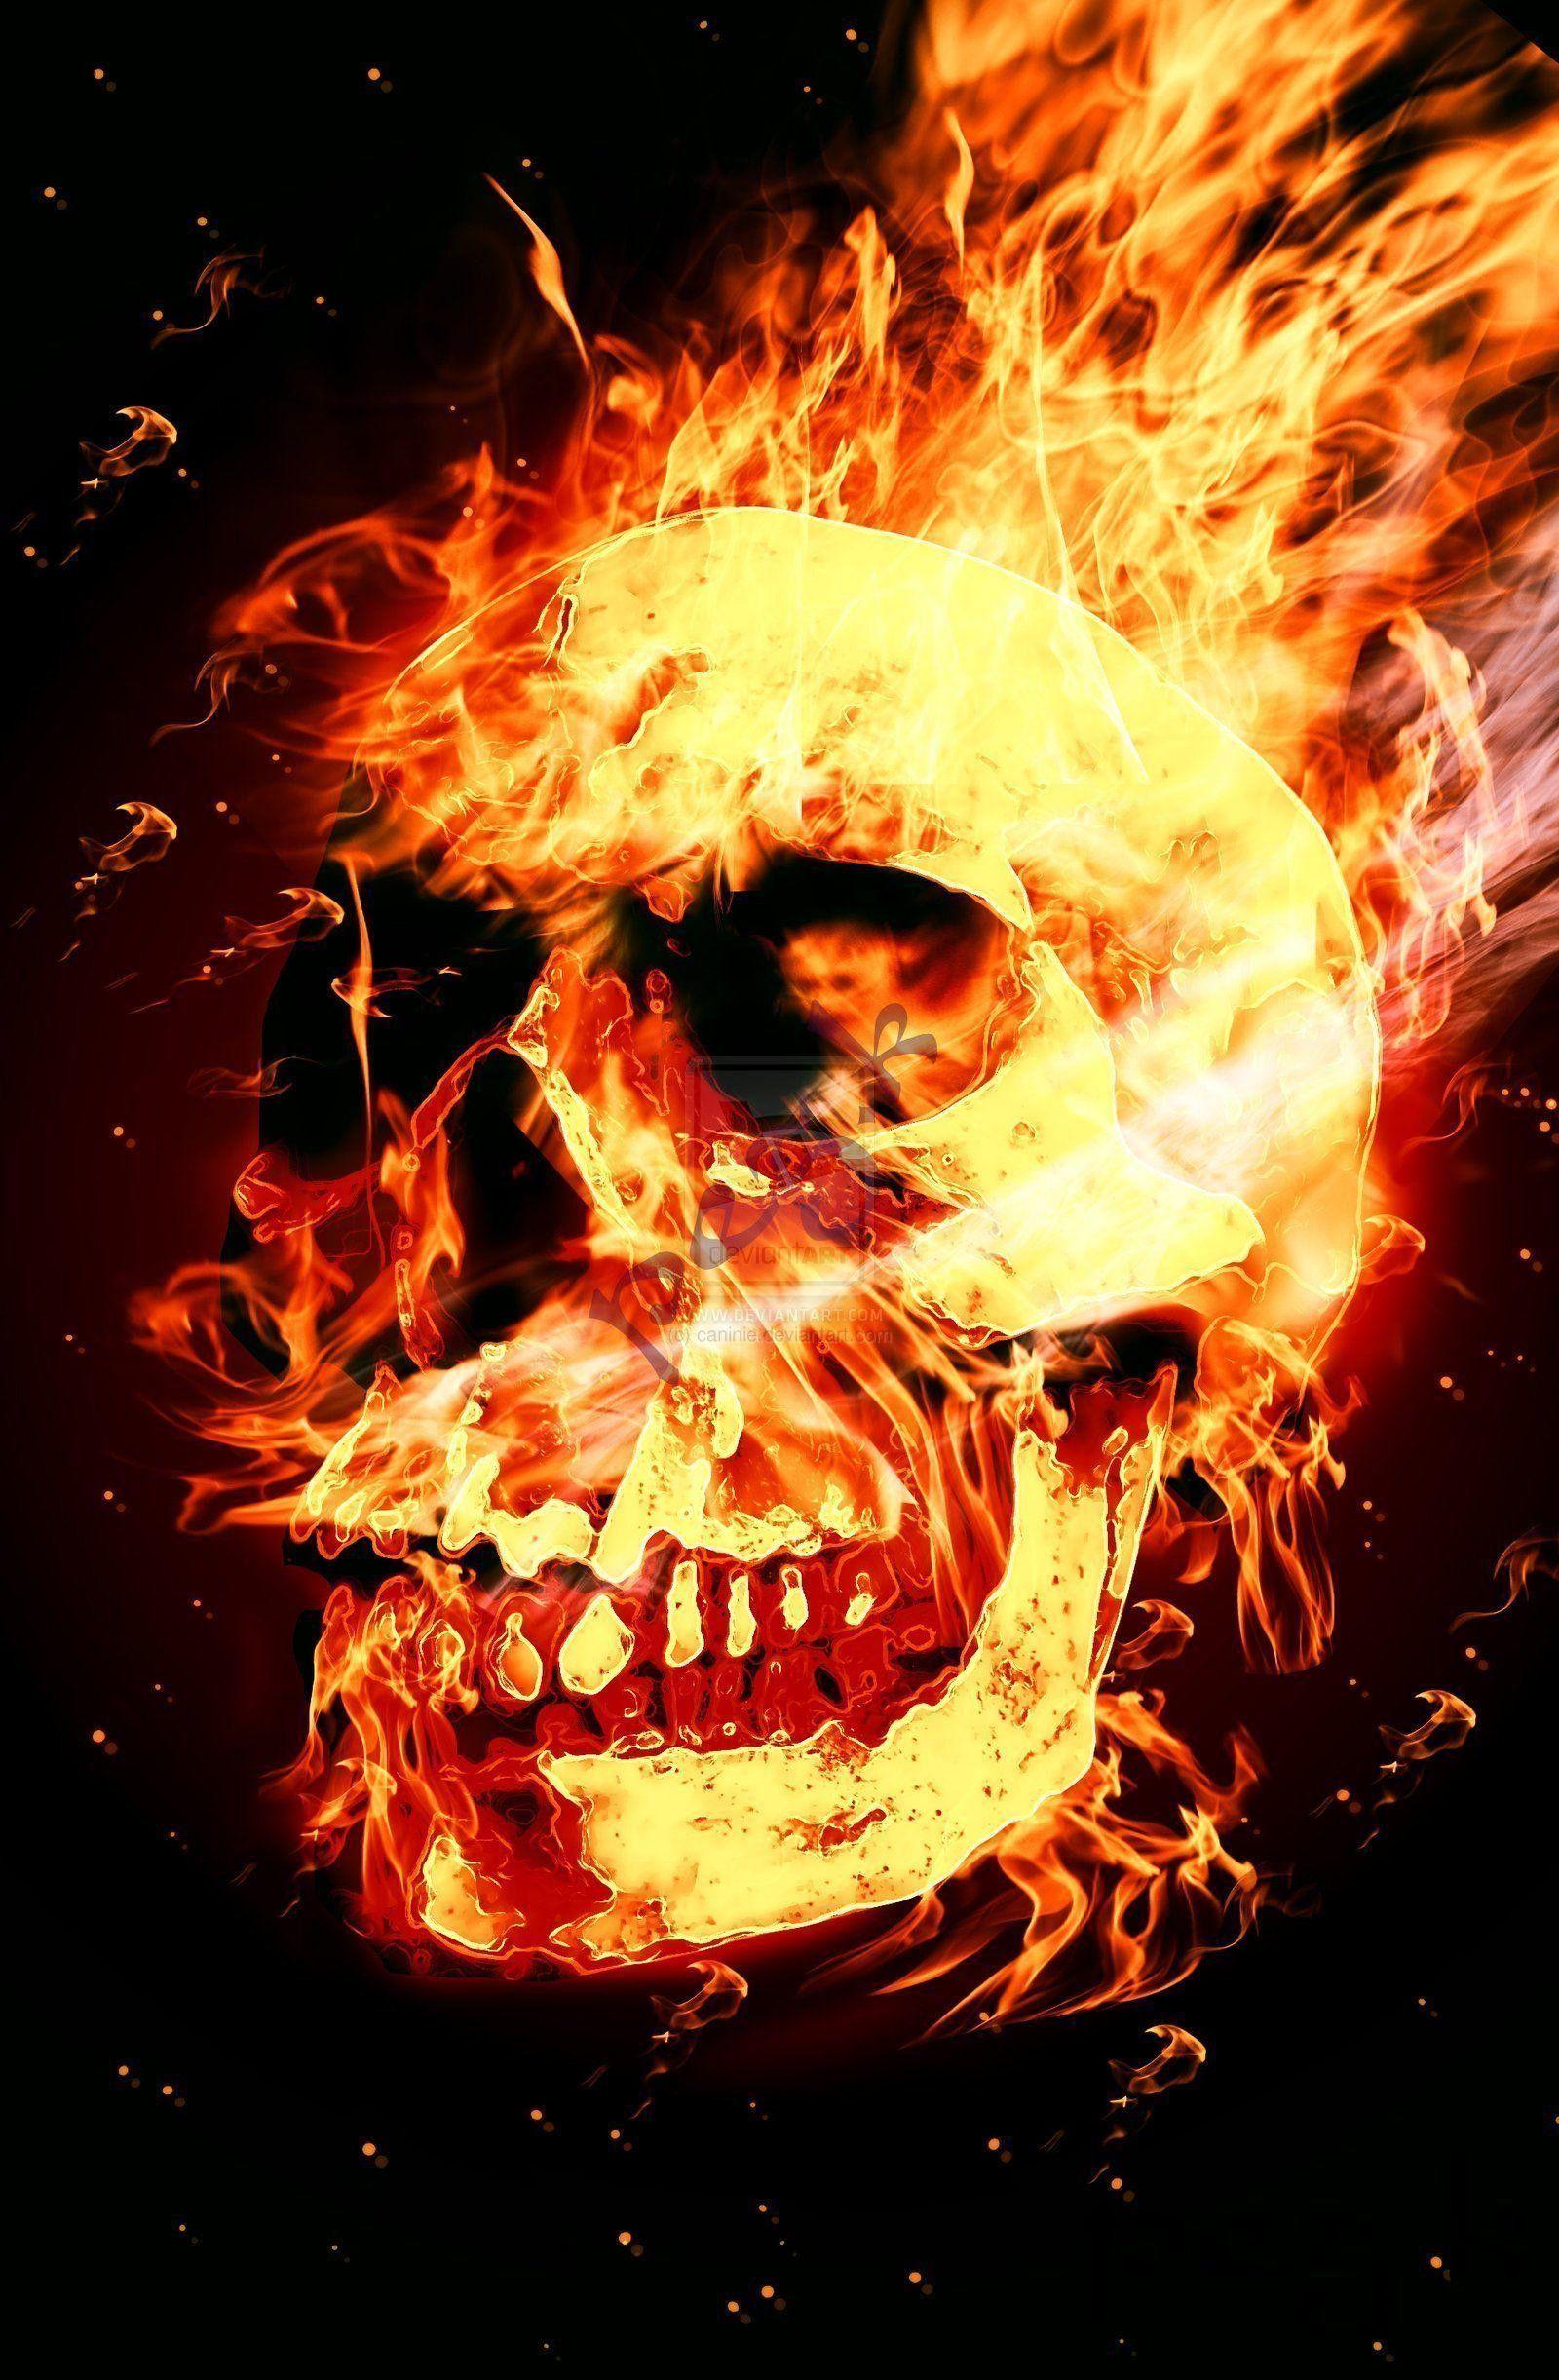 Flaming Skull Skull Wallpaper Skull Fire Skull